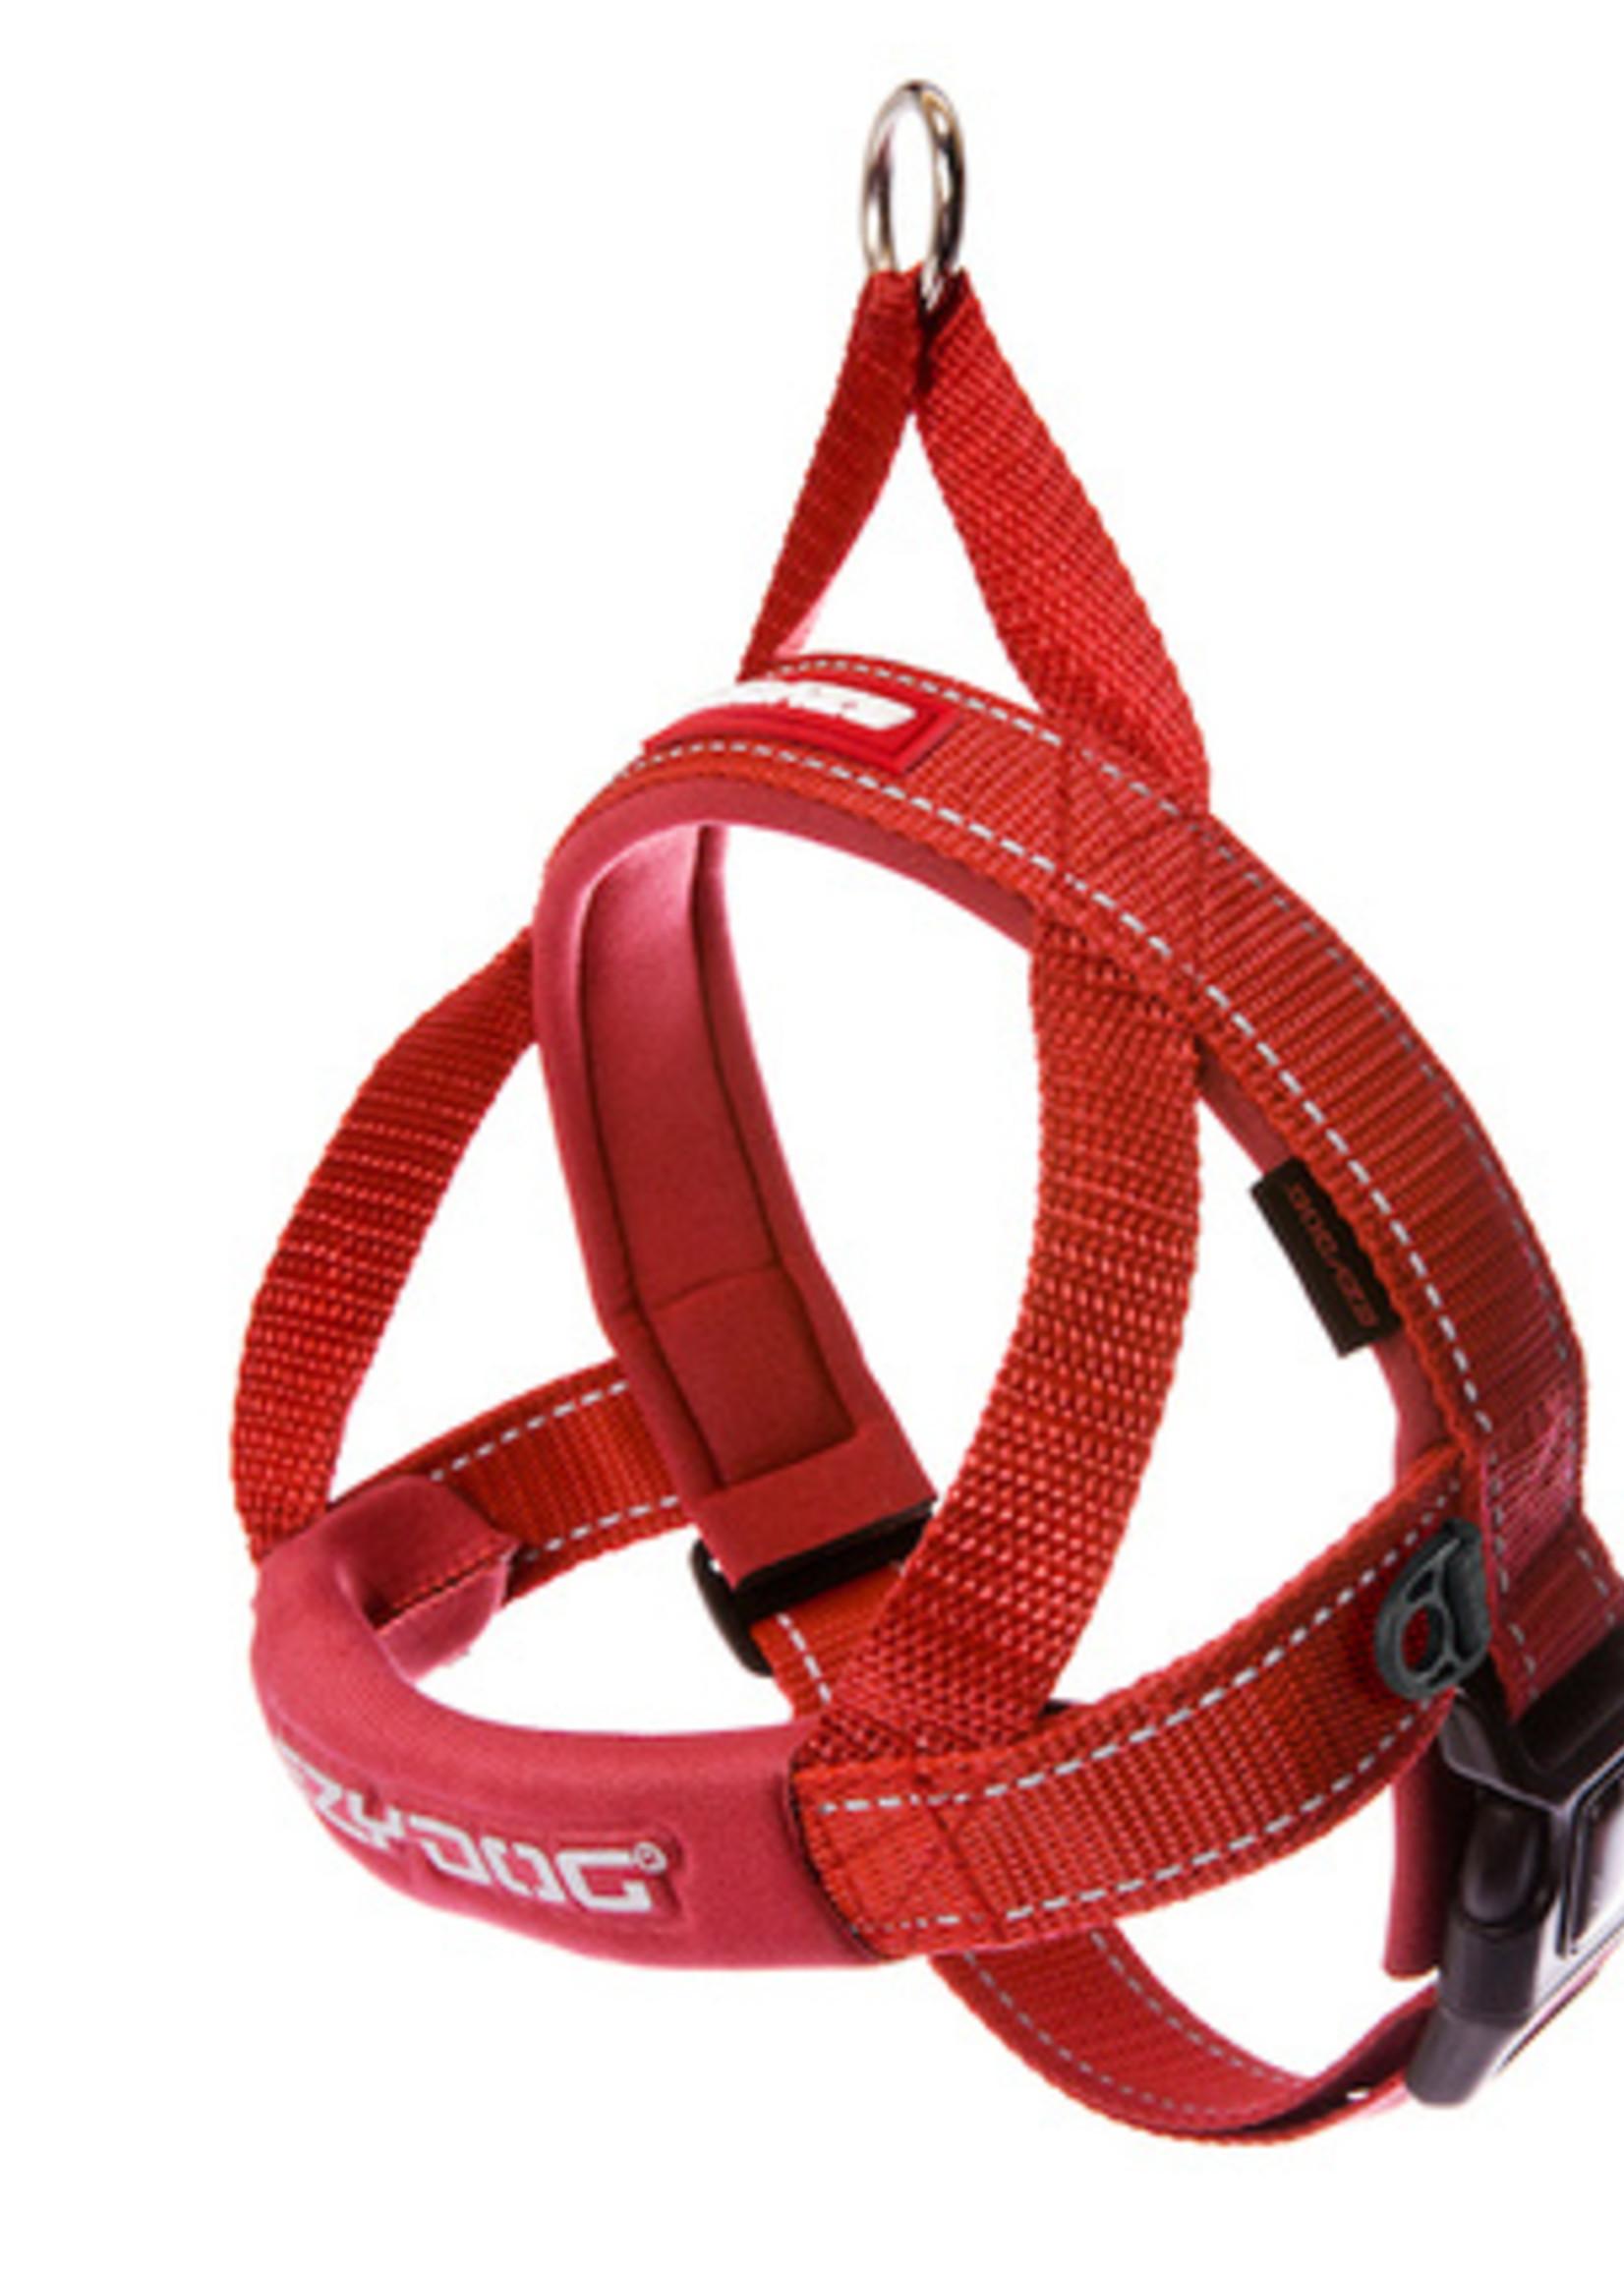 EzyDog EzyDog Quick Fit Harness Red M